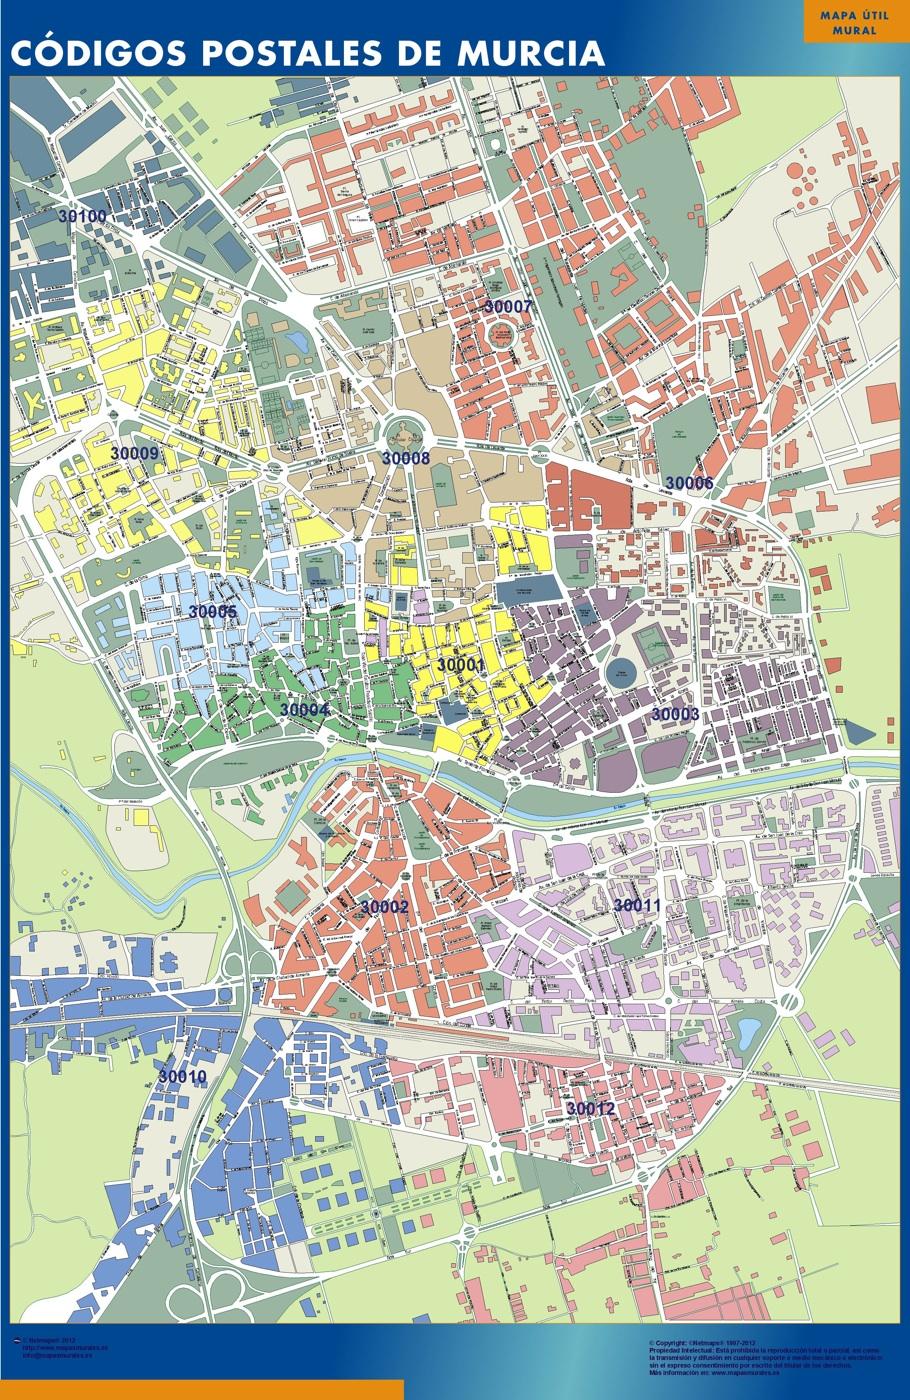 Mapa Codigos Postales Madrid.Mapa Imanes Codigos Postales Murcia